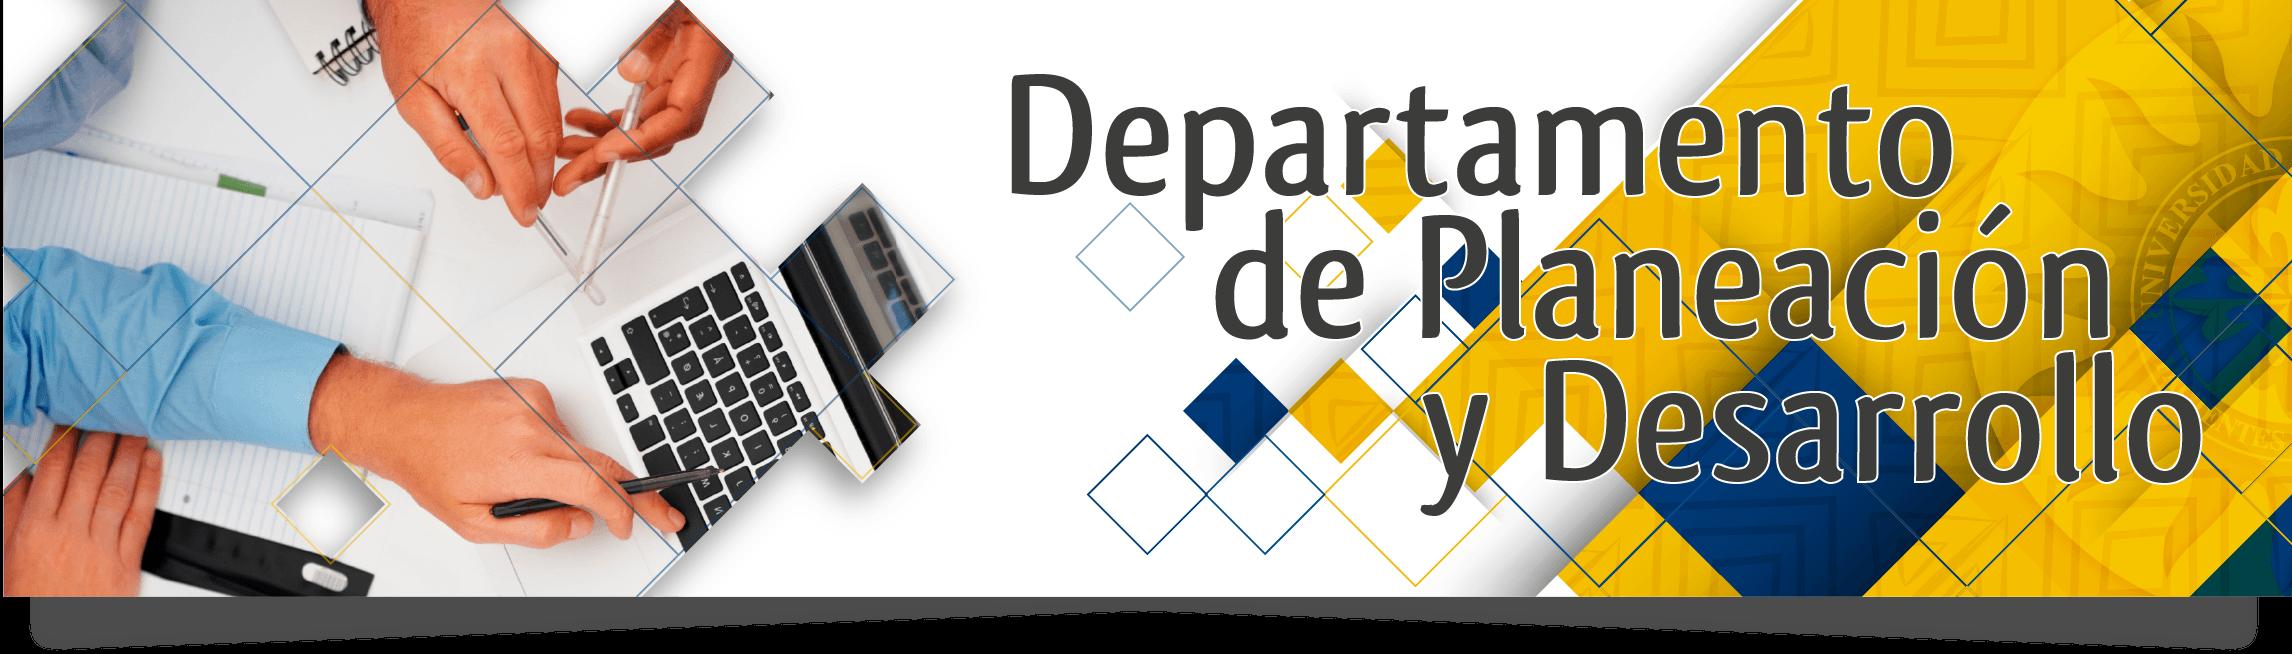 Департамент планирования и развития